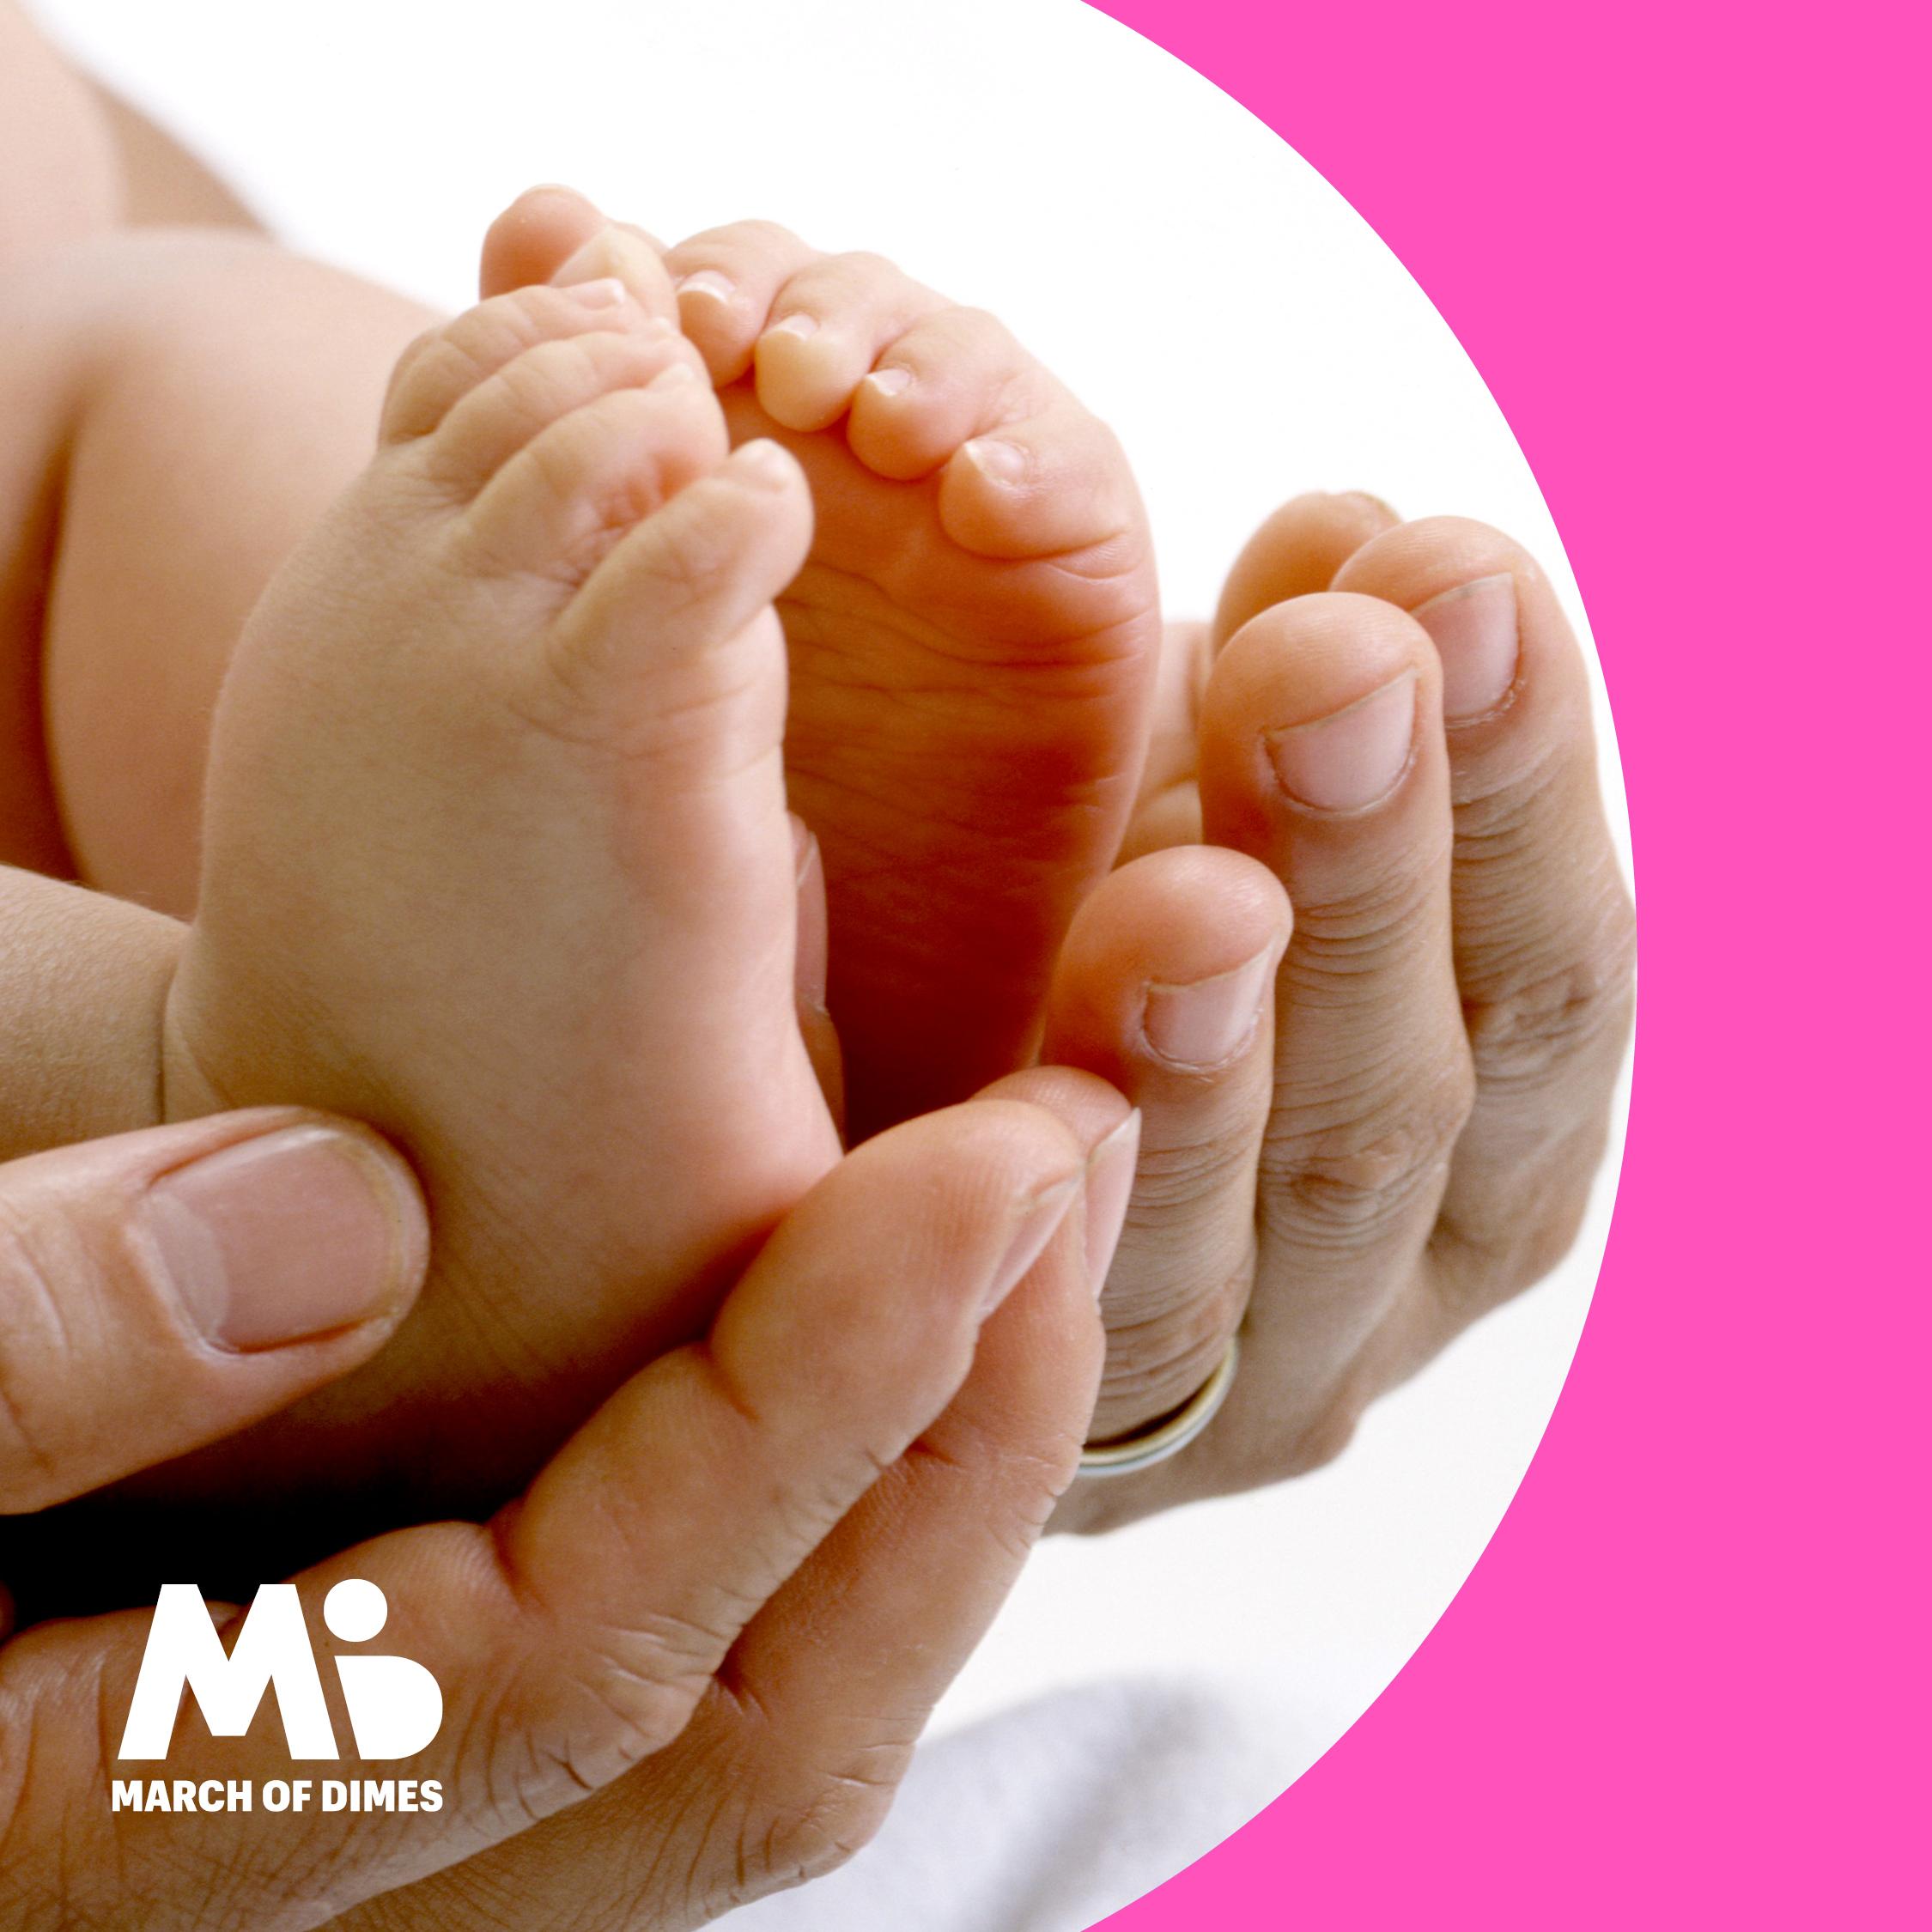 Señales de advertencia luego que nace su bebé